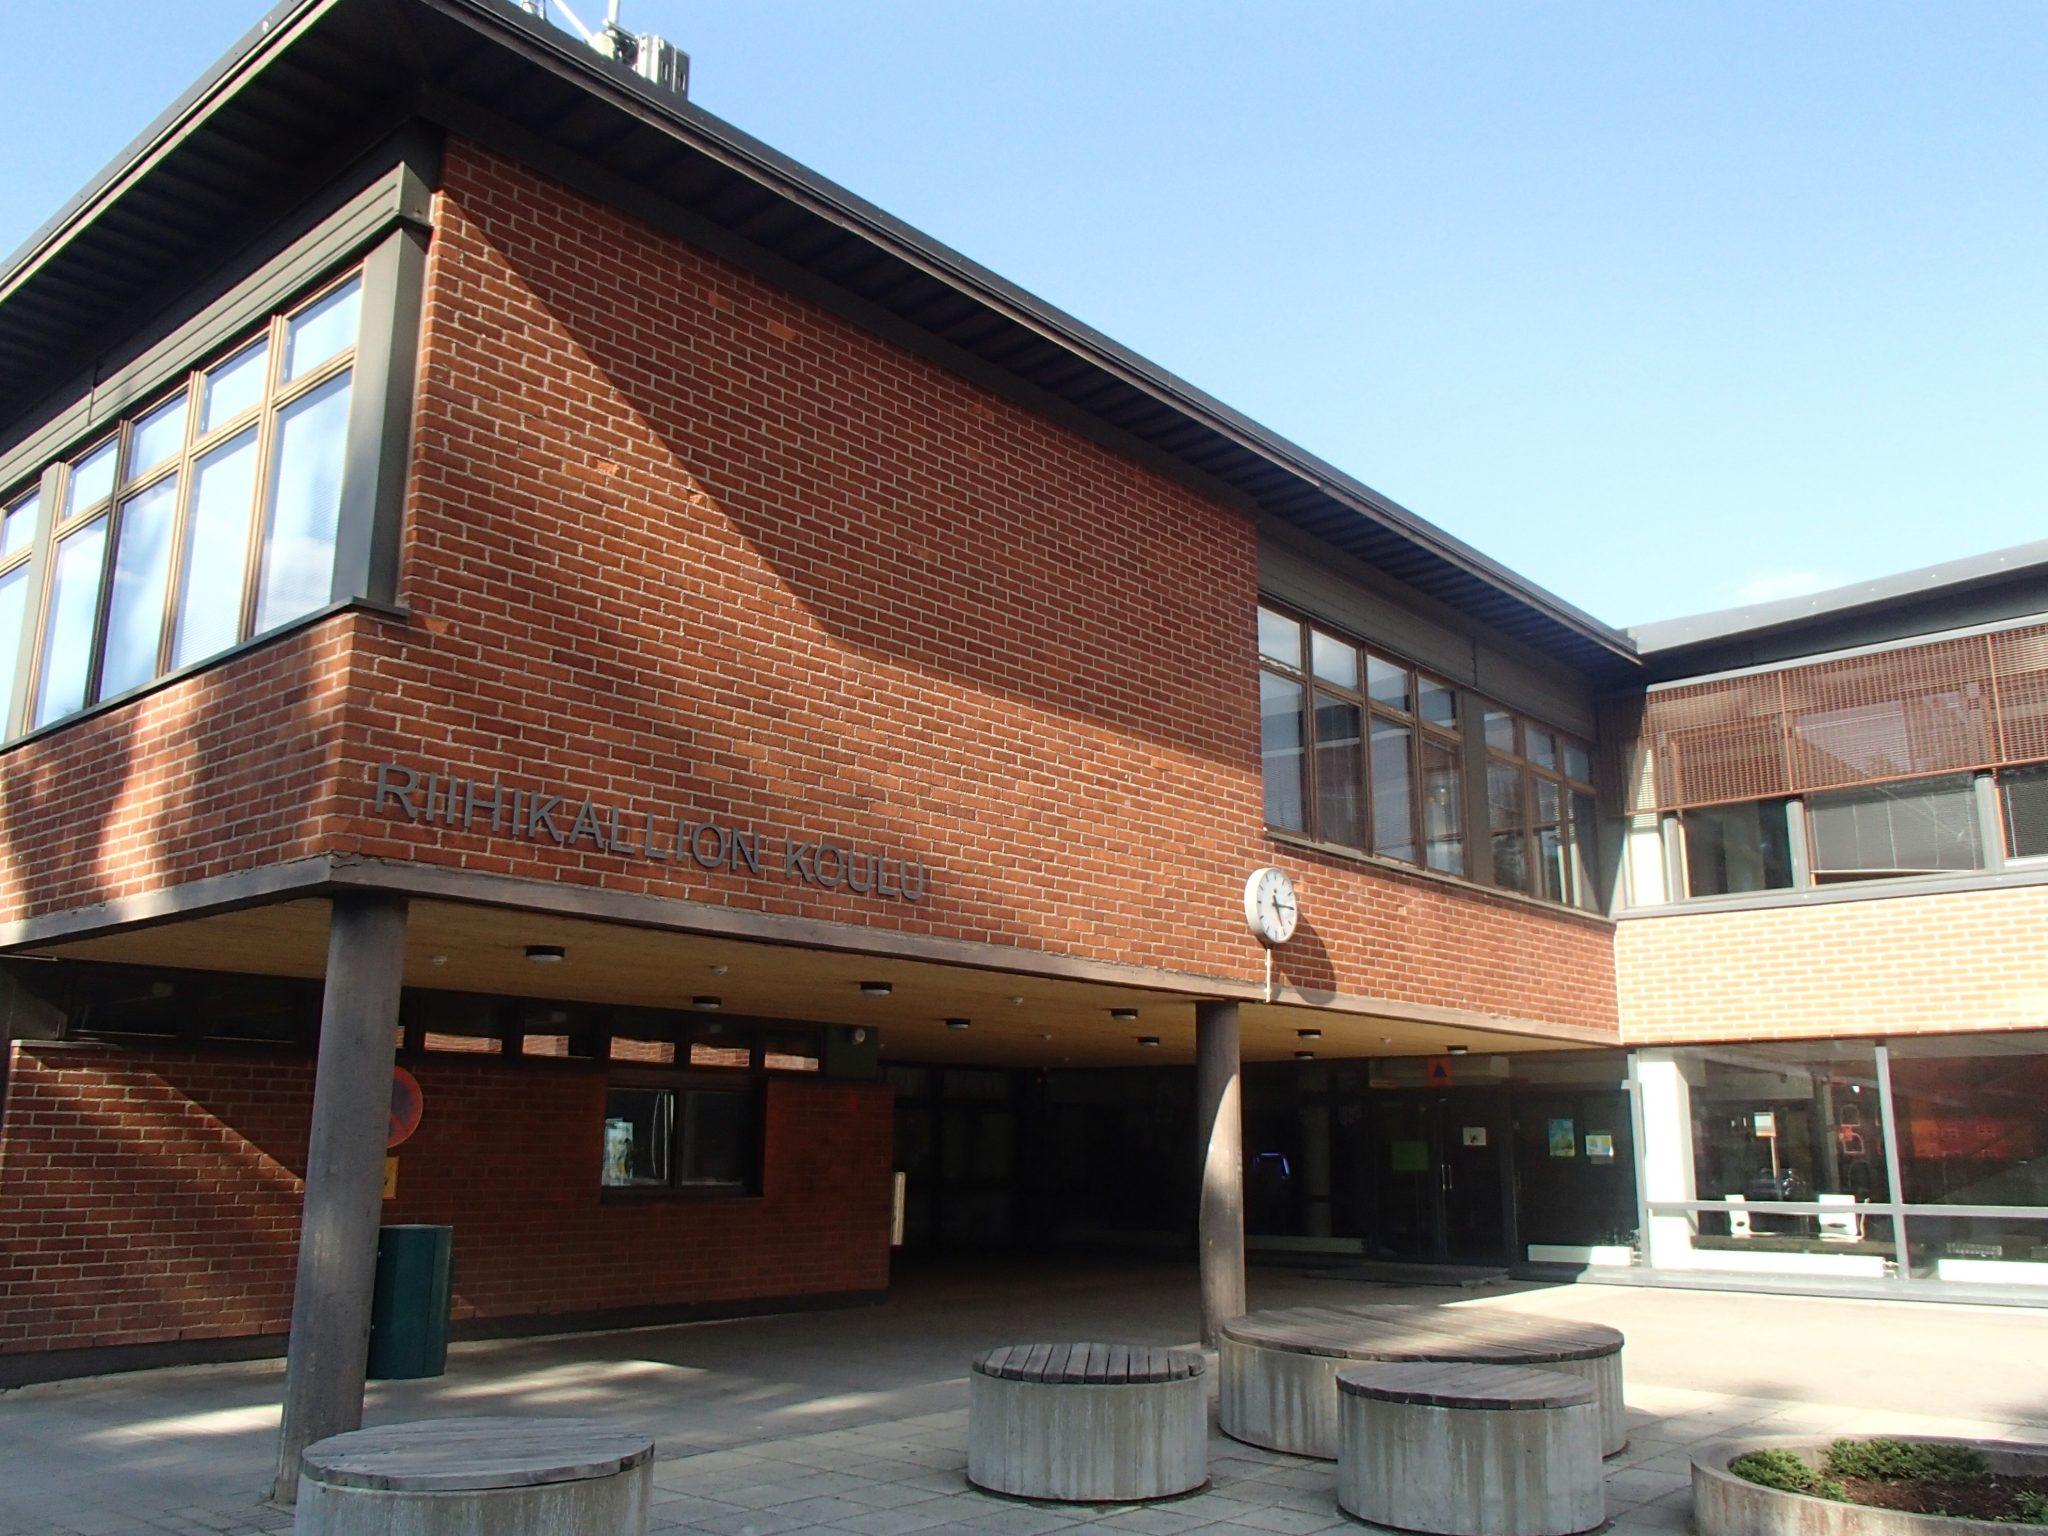 Riihikallion koulu